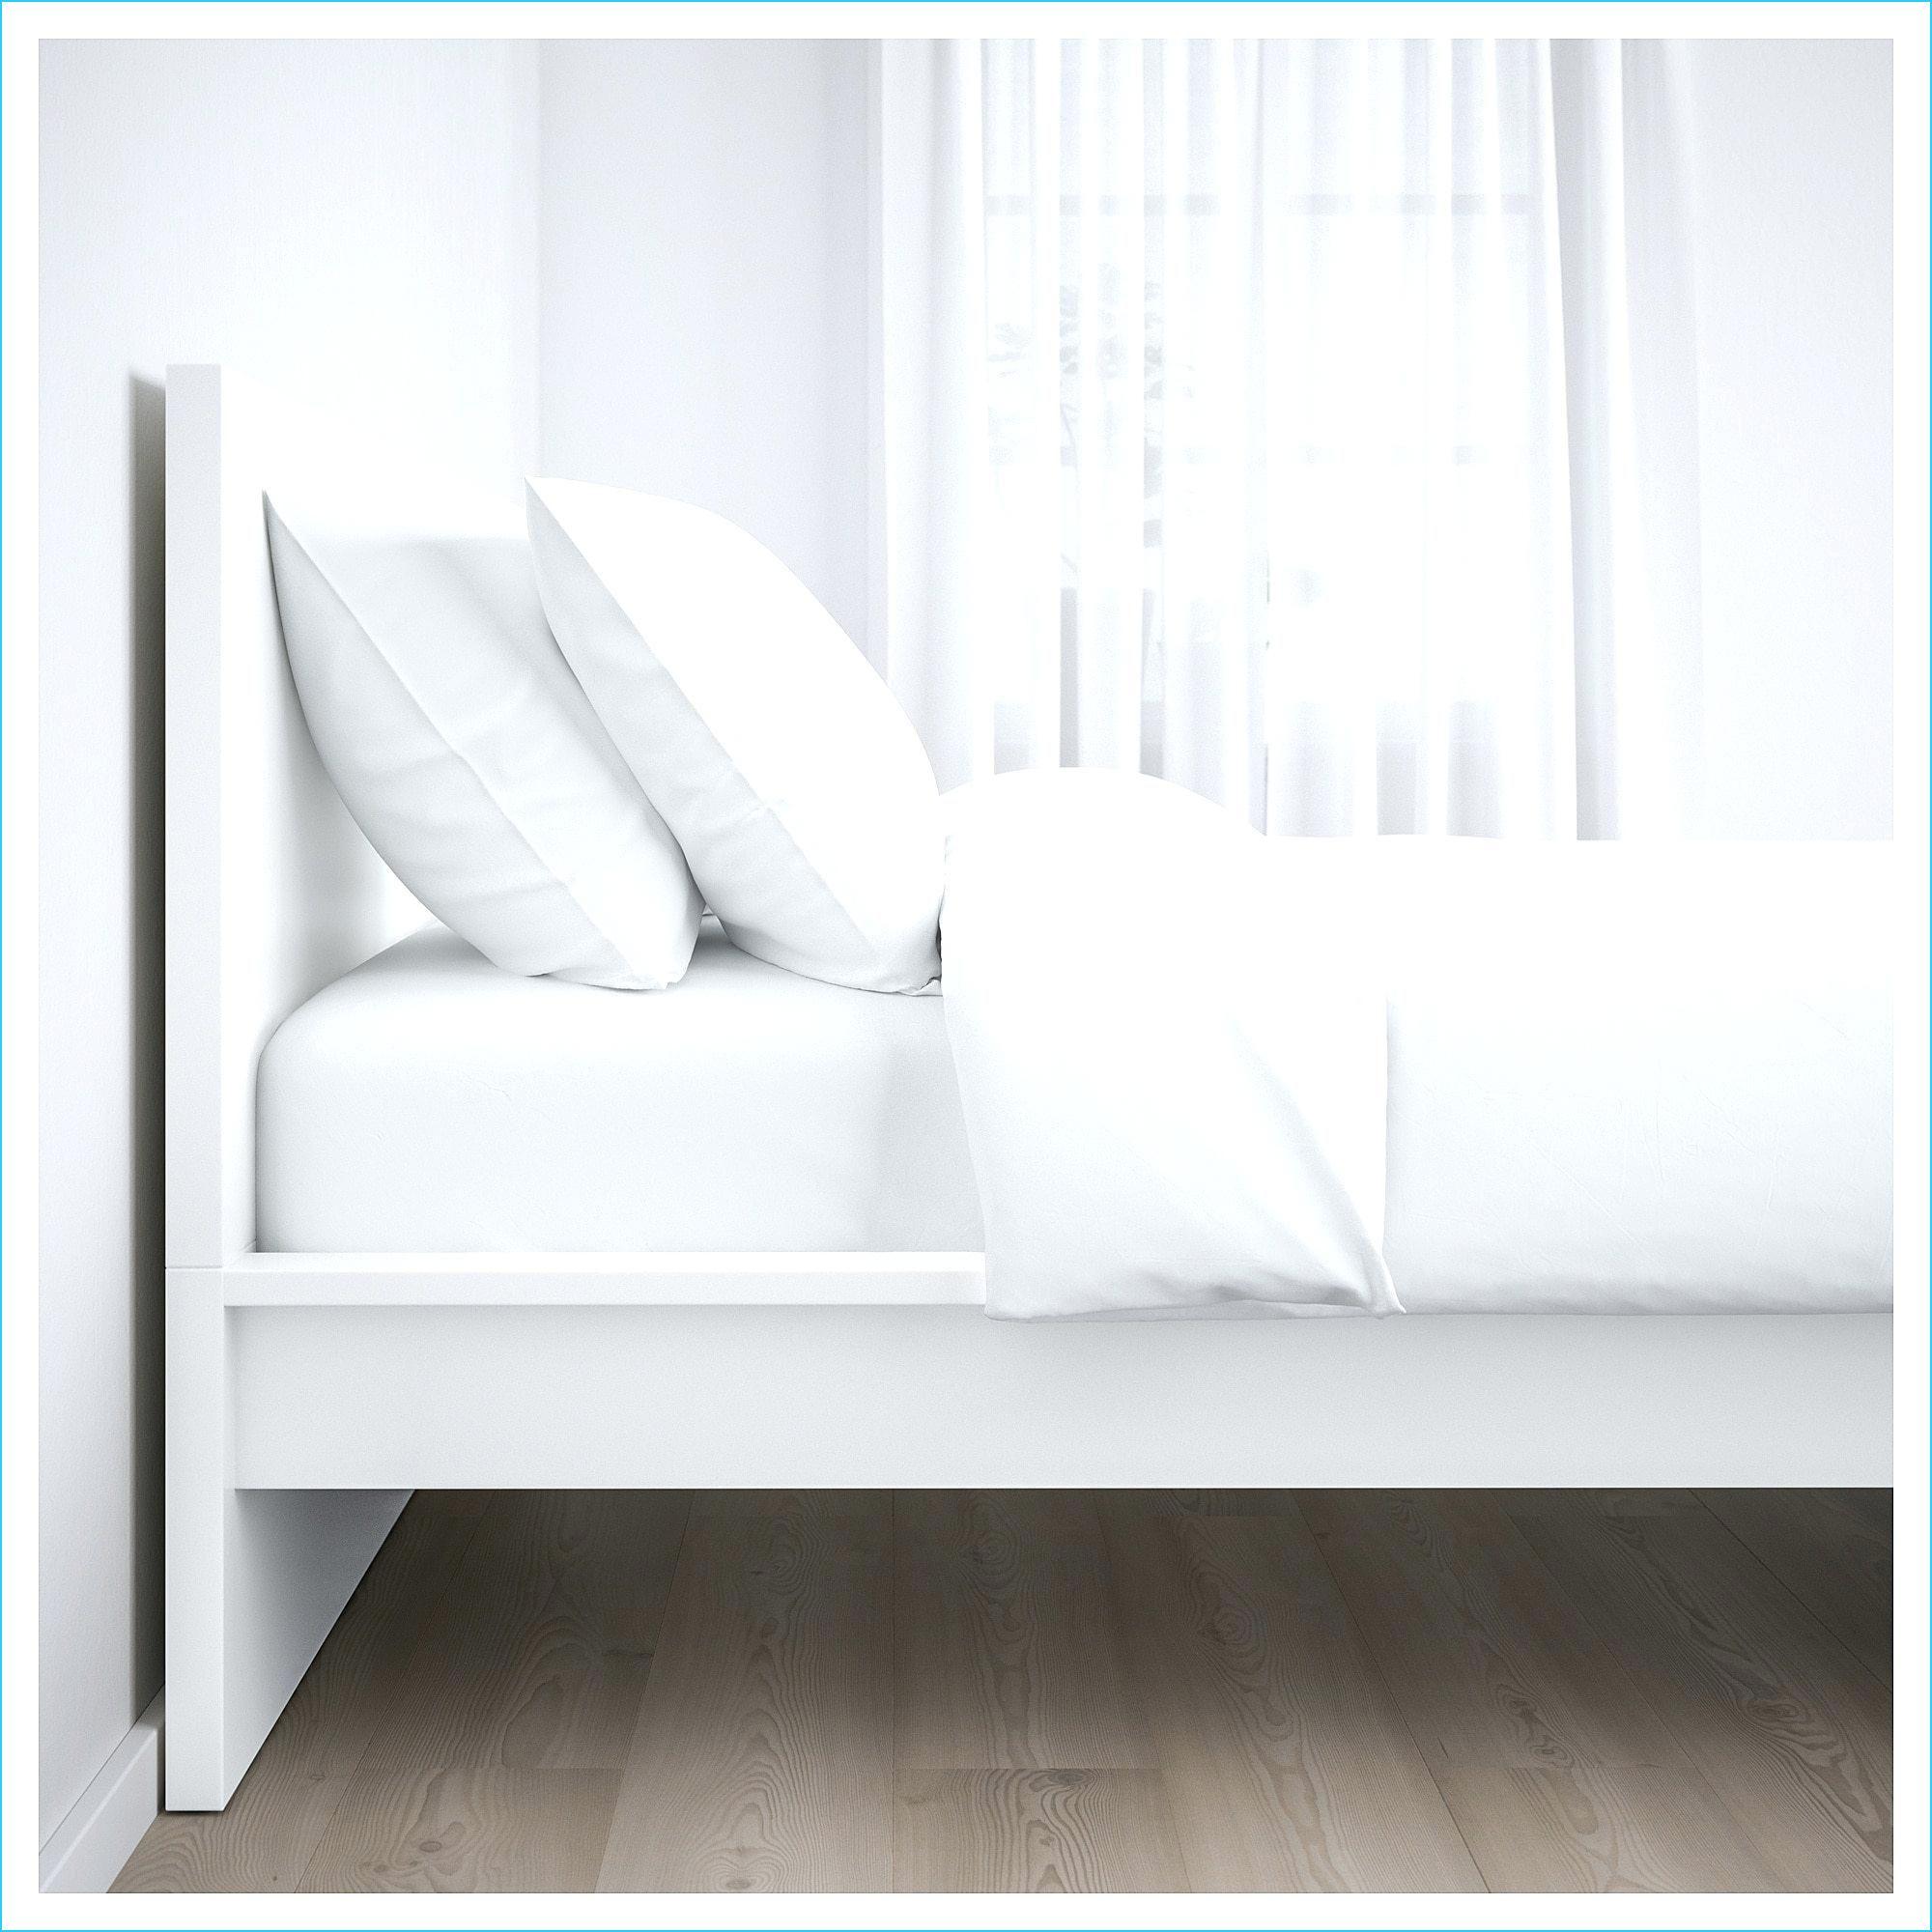 14 Herrlich Bett 140x200 Mit Schubladen In 2020 Room Chaise Lounge Lounge